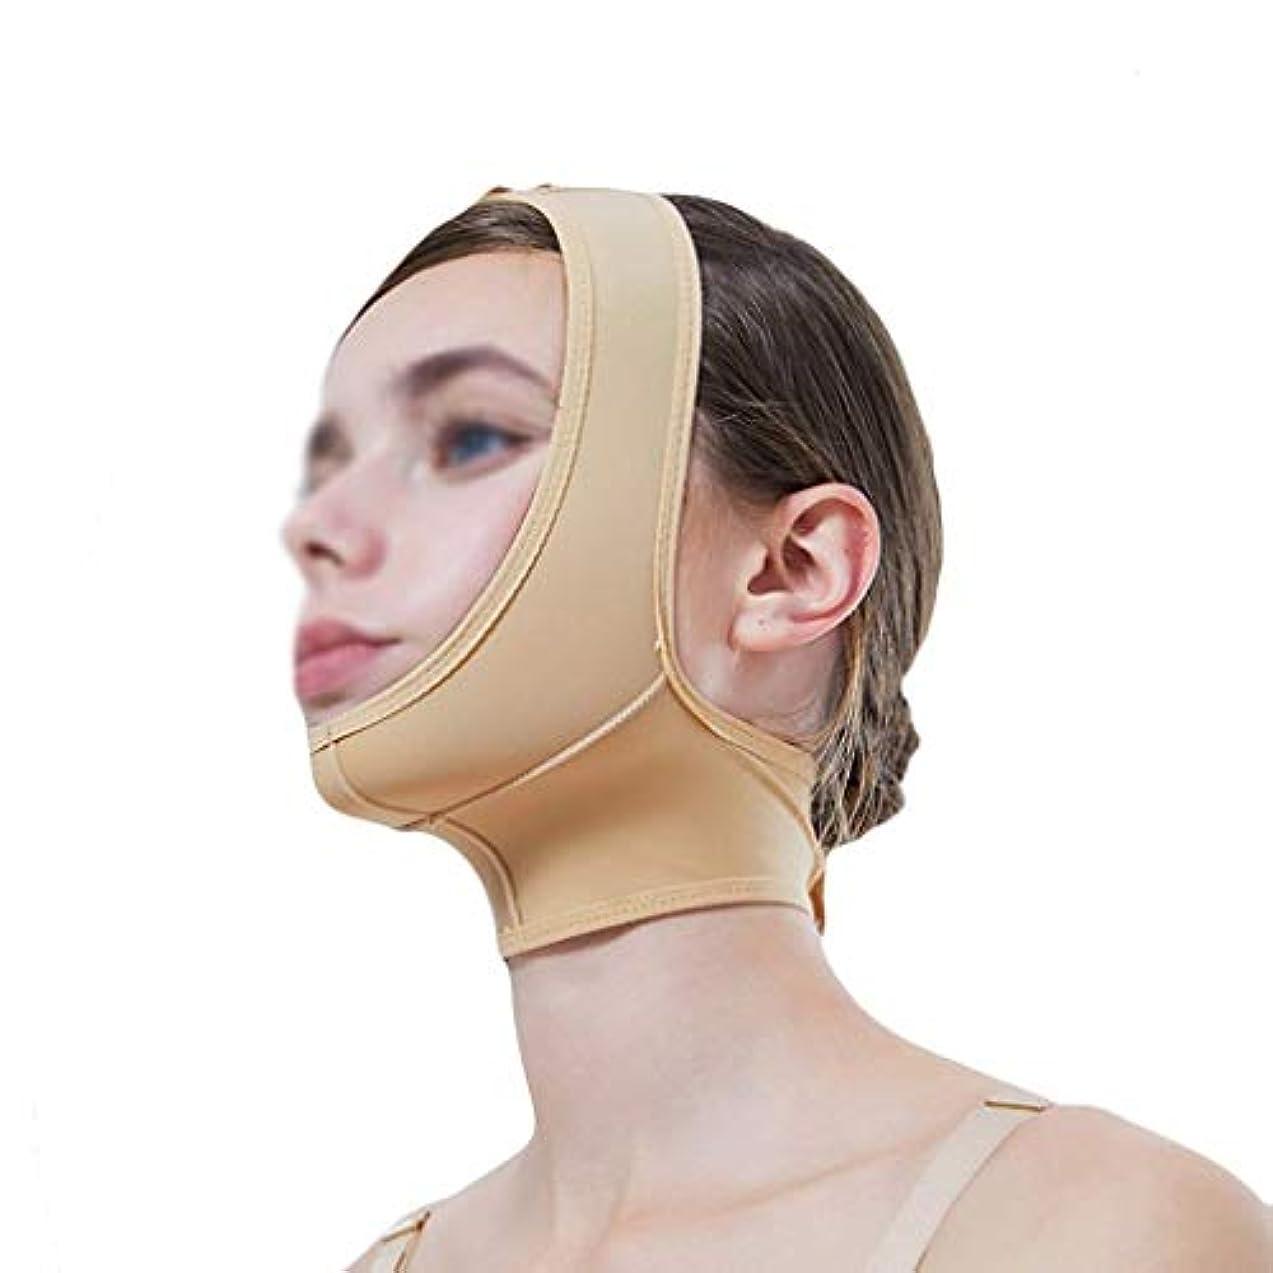 毎年逃げる底マスク、超薄型ベルト、フェイスリフティングに適し、フェイスリフティング、通気性包帯、あご取りベルト、超薄型ベルト、通気性(サイズ:XL),XS